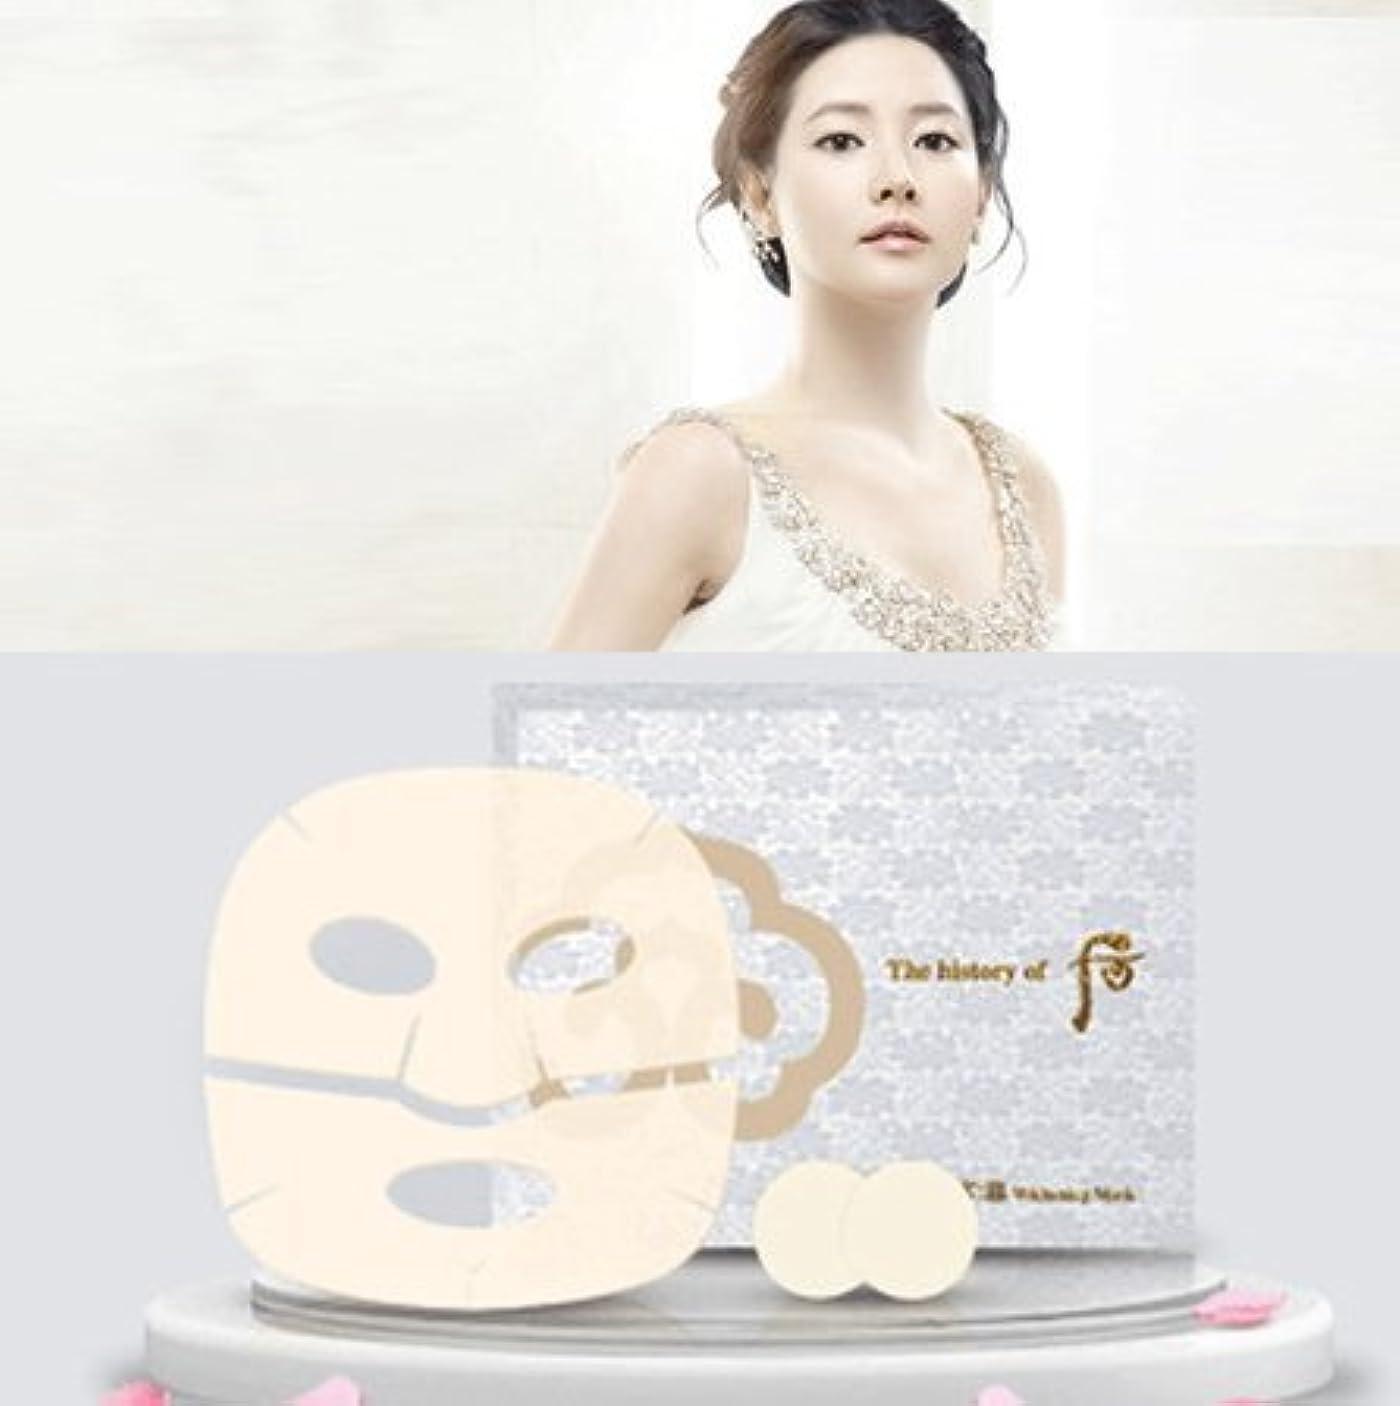 モットー蜜動物園【フー/The history of whoo] Whoo后 ゴンジンヒャン 美白 光 マスク8枚入/ Gongjinhyang Mask Sheet 8ea+ Sample Gift(海外直送品)